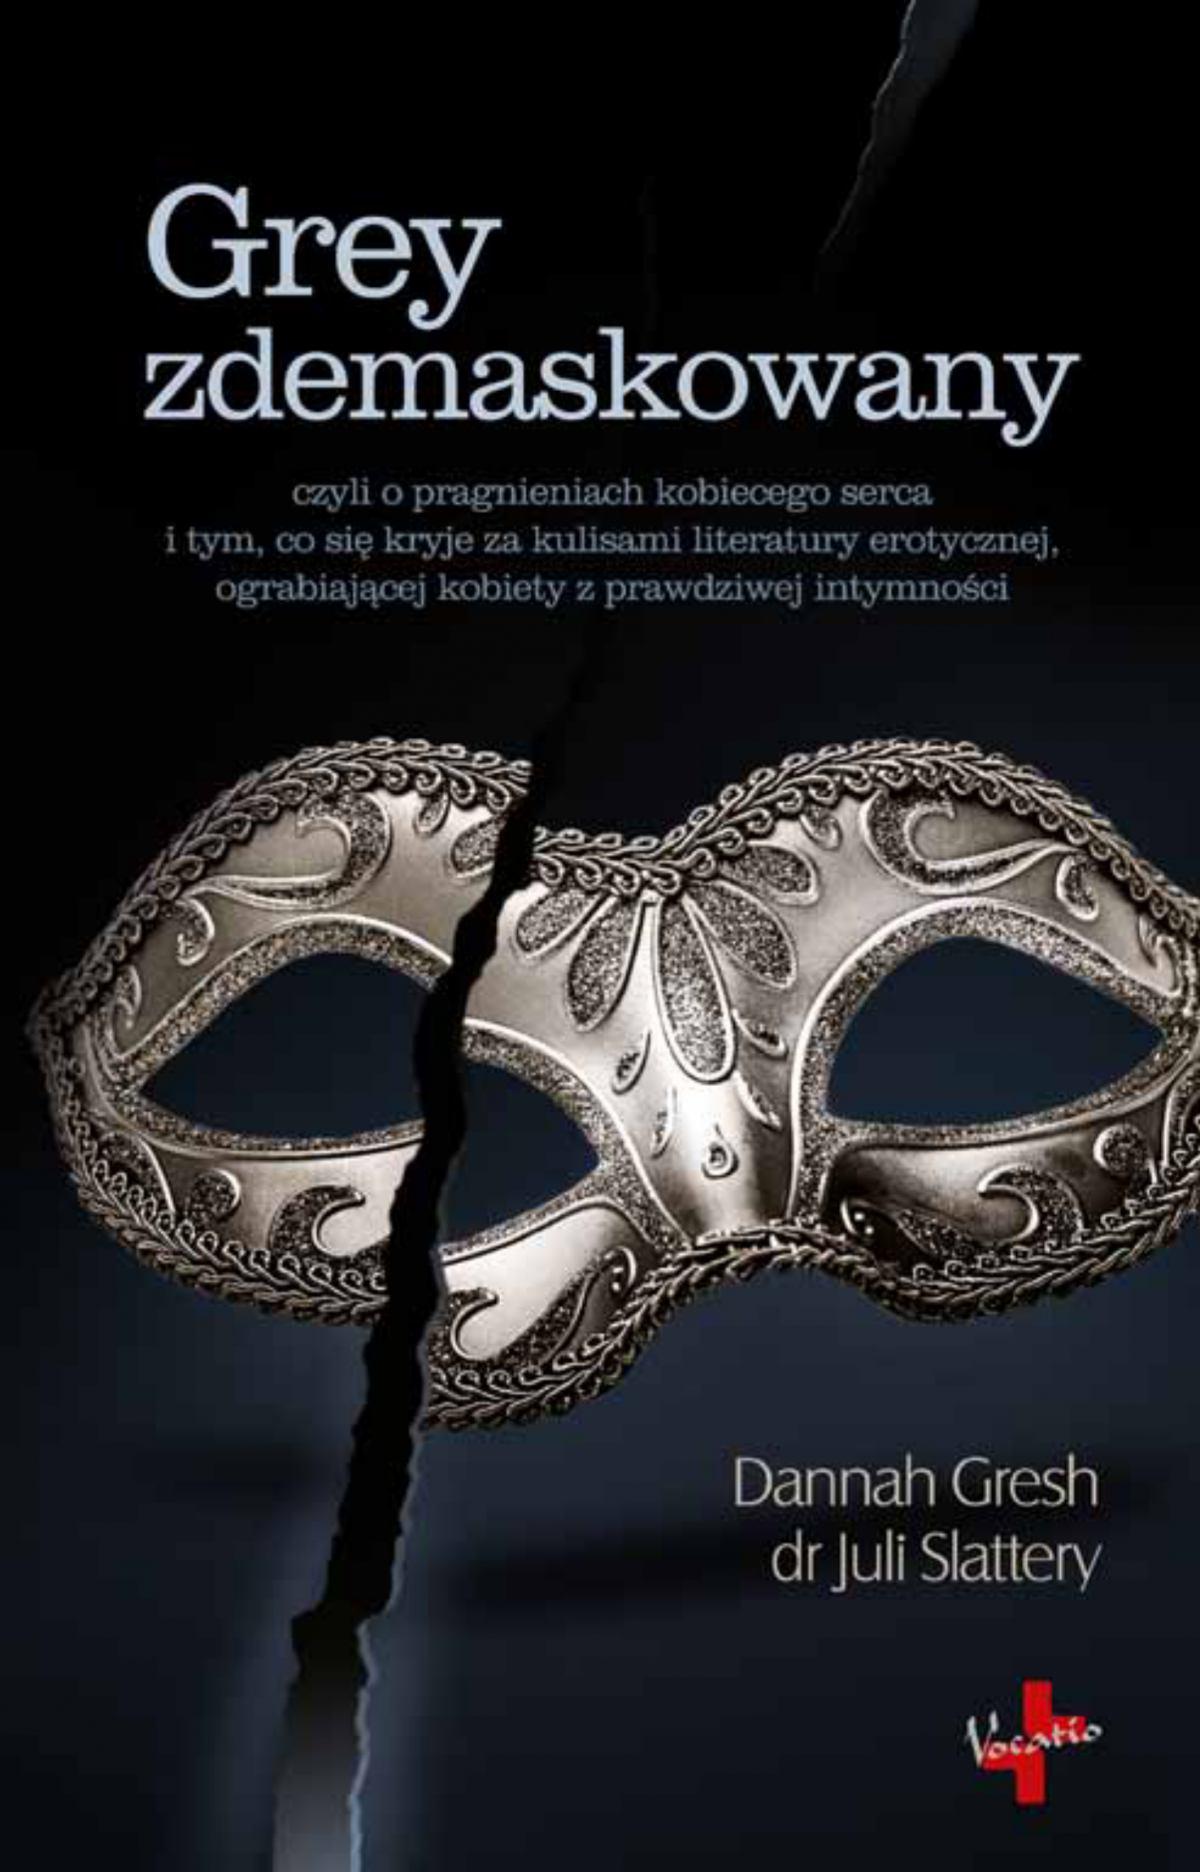 Grey zdemaskowany - Ebook (Książka EPUB) do pobrania w formacie EPUB